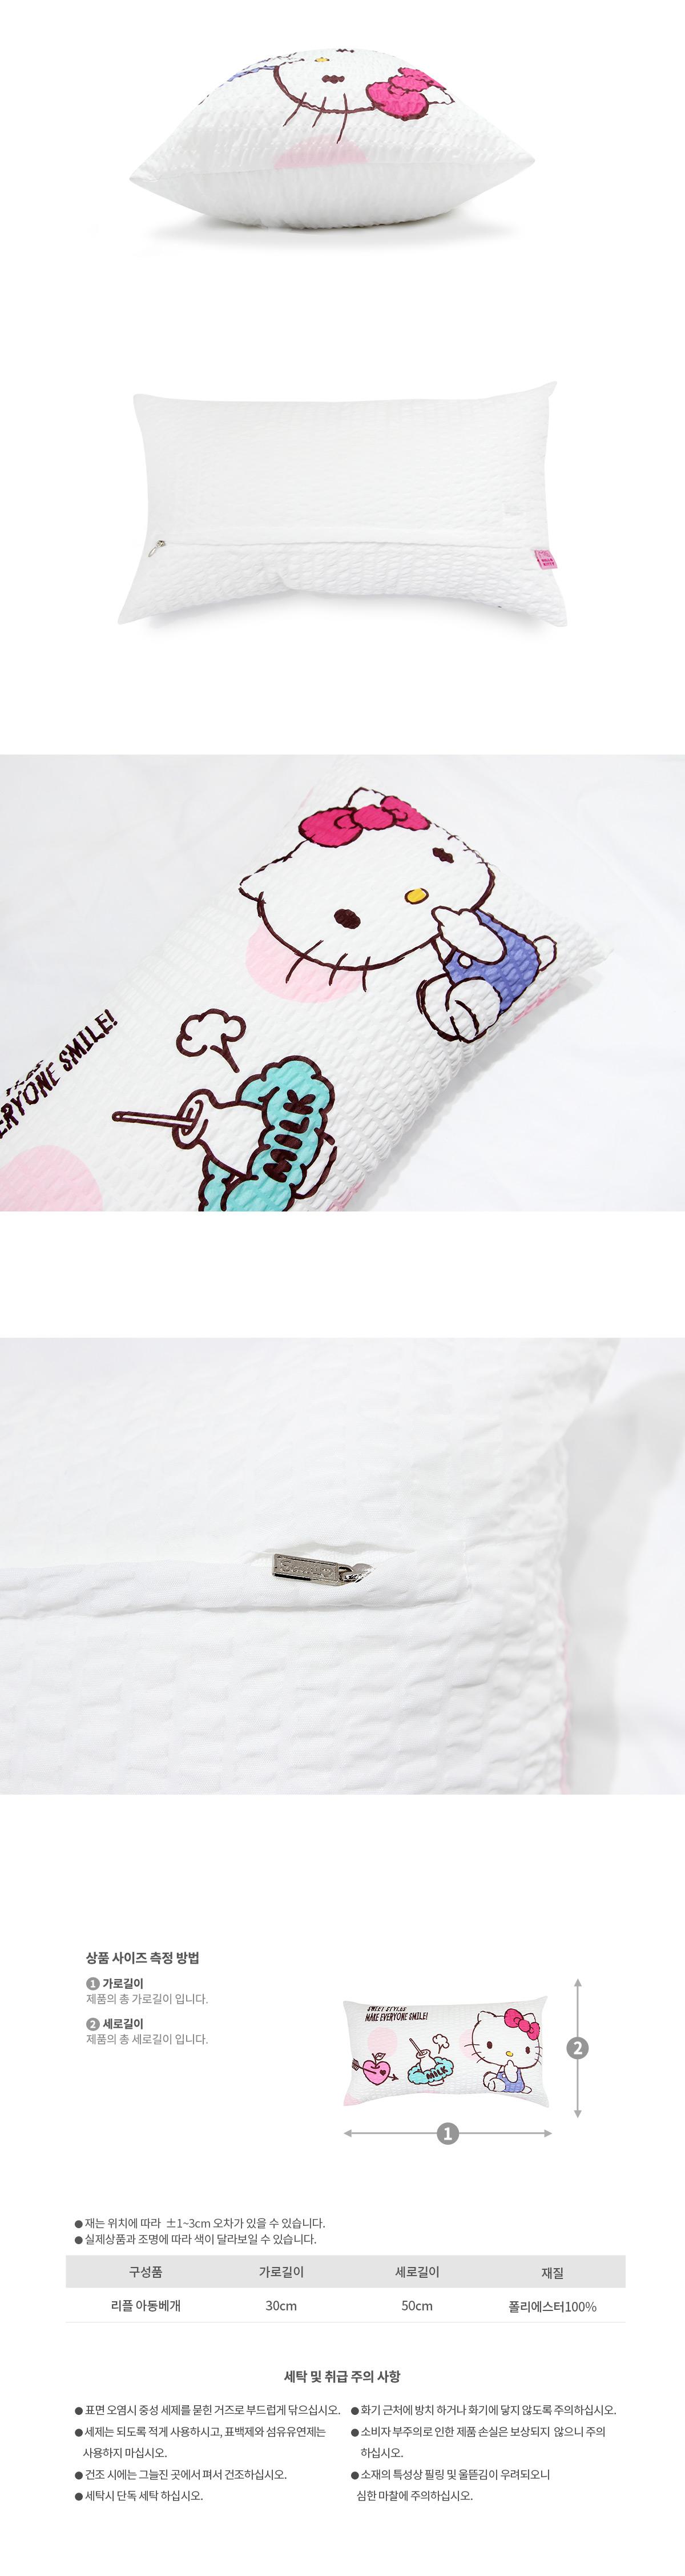 헬로키티 스윗러브 리플아동베개 - 나라홈데코, 9,900원, 베개, 일반 베개